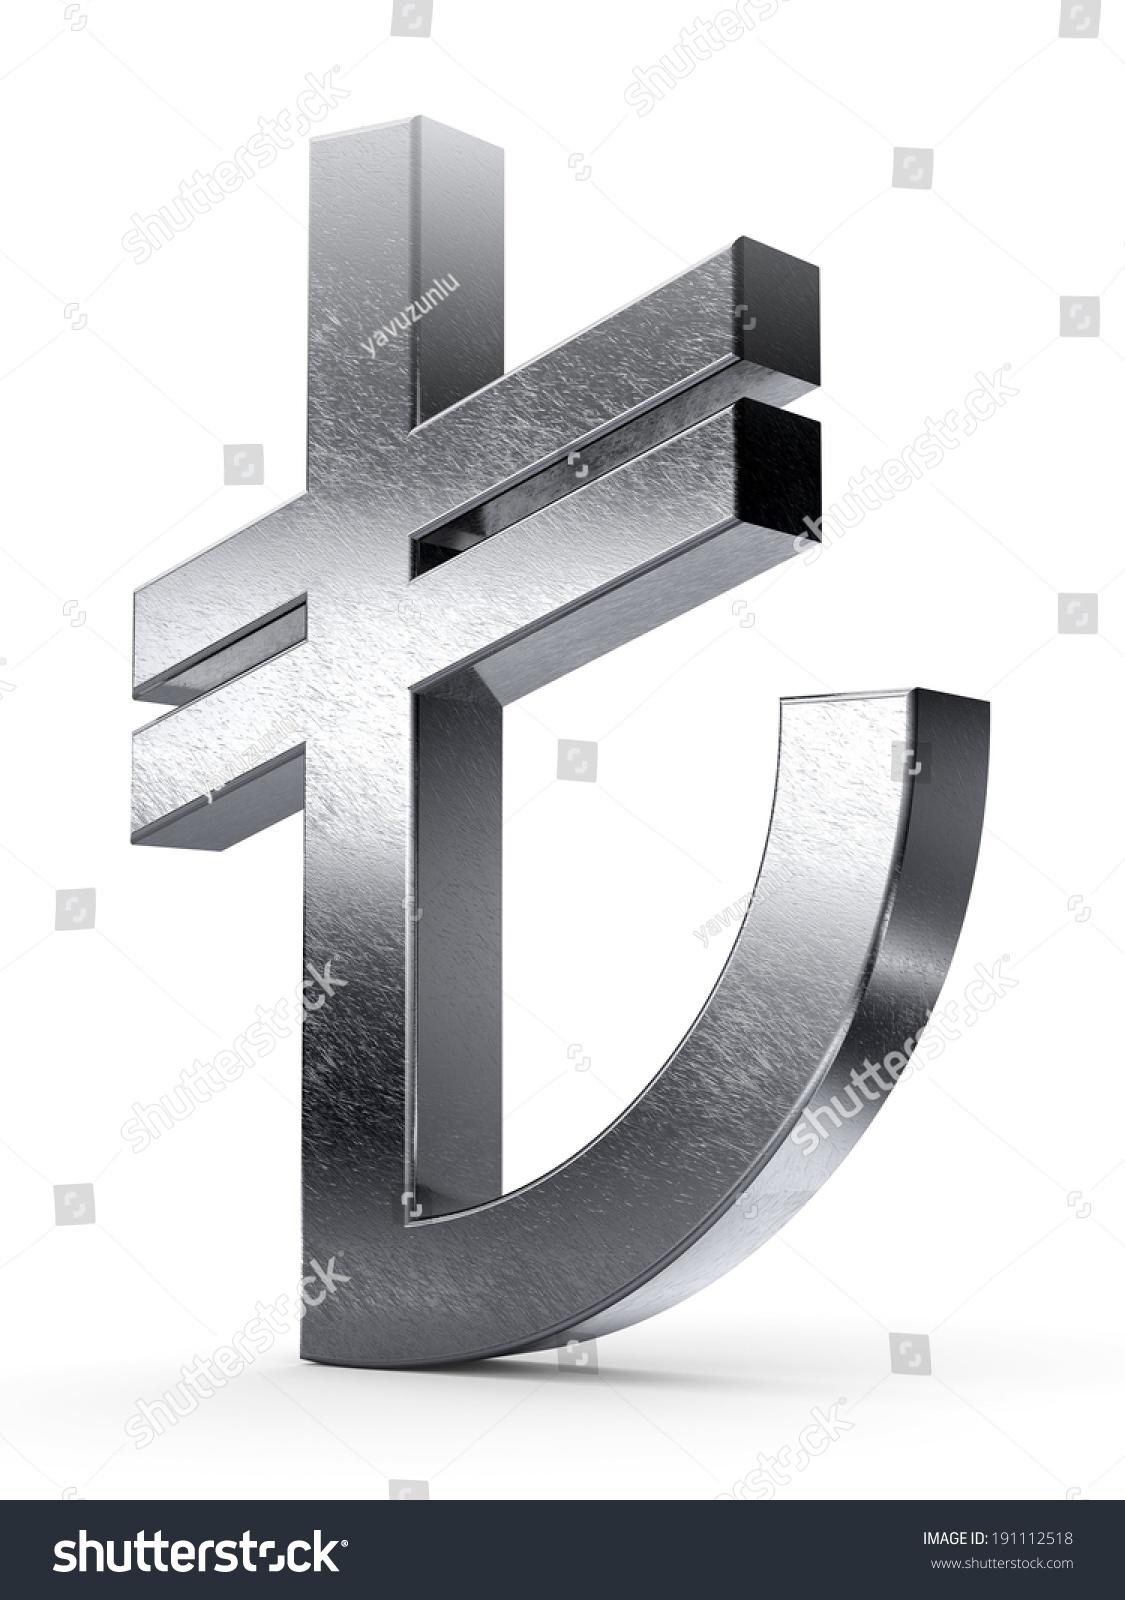 Turkish lira sign tl symbol turkish stock illustration 191112518 turkish lira sign tl symbol turkish money buycottarizona